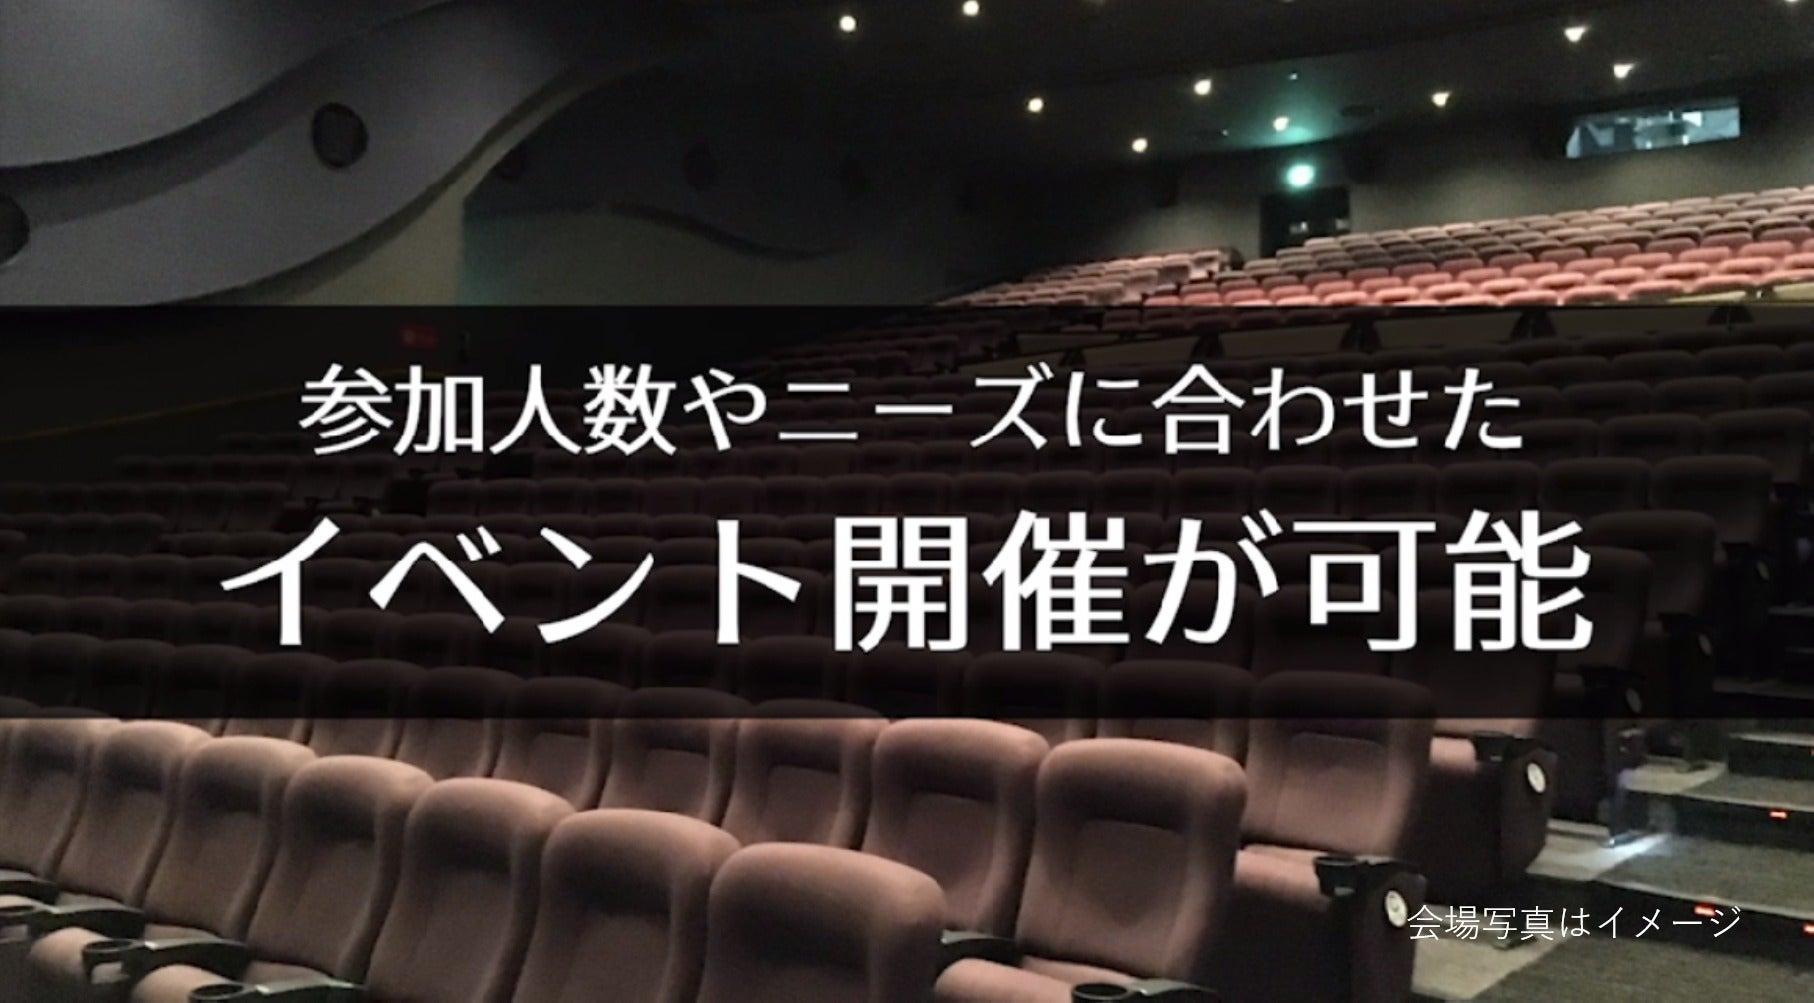 【大津 110席】映画館で、会社説明会、株主総会、講演会の企画はいかがですか?